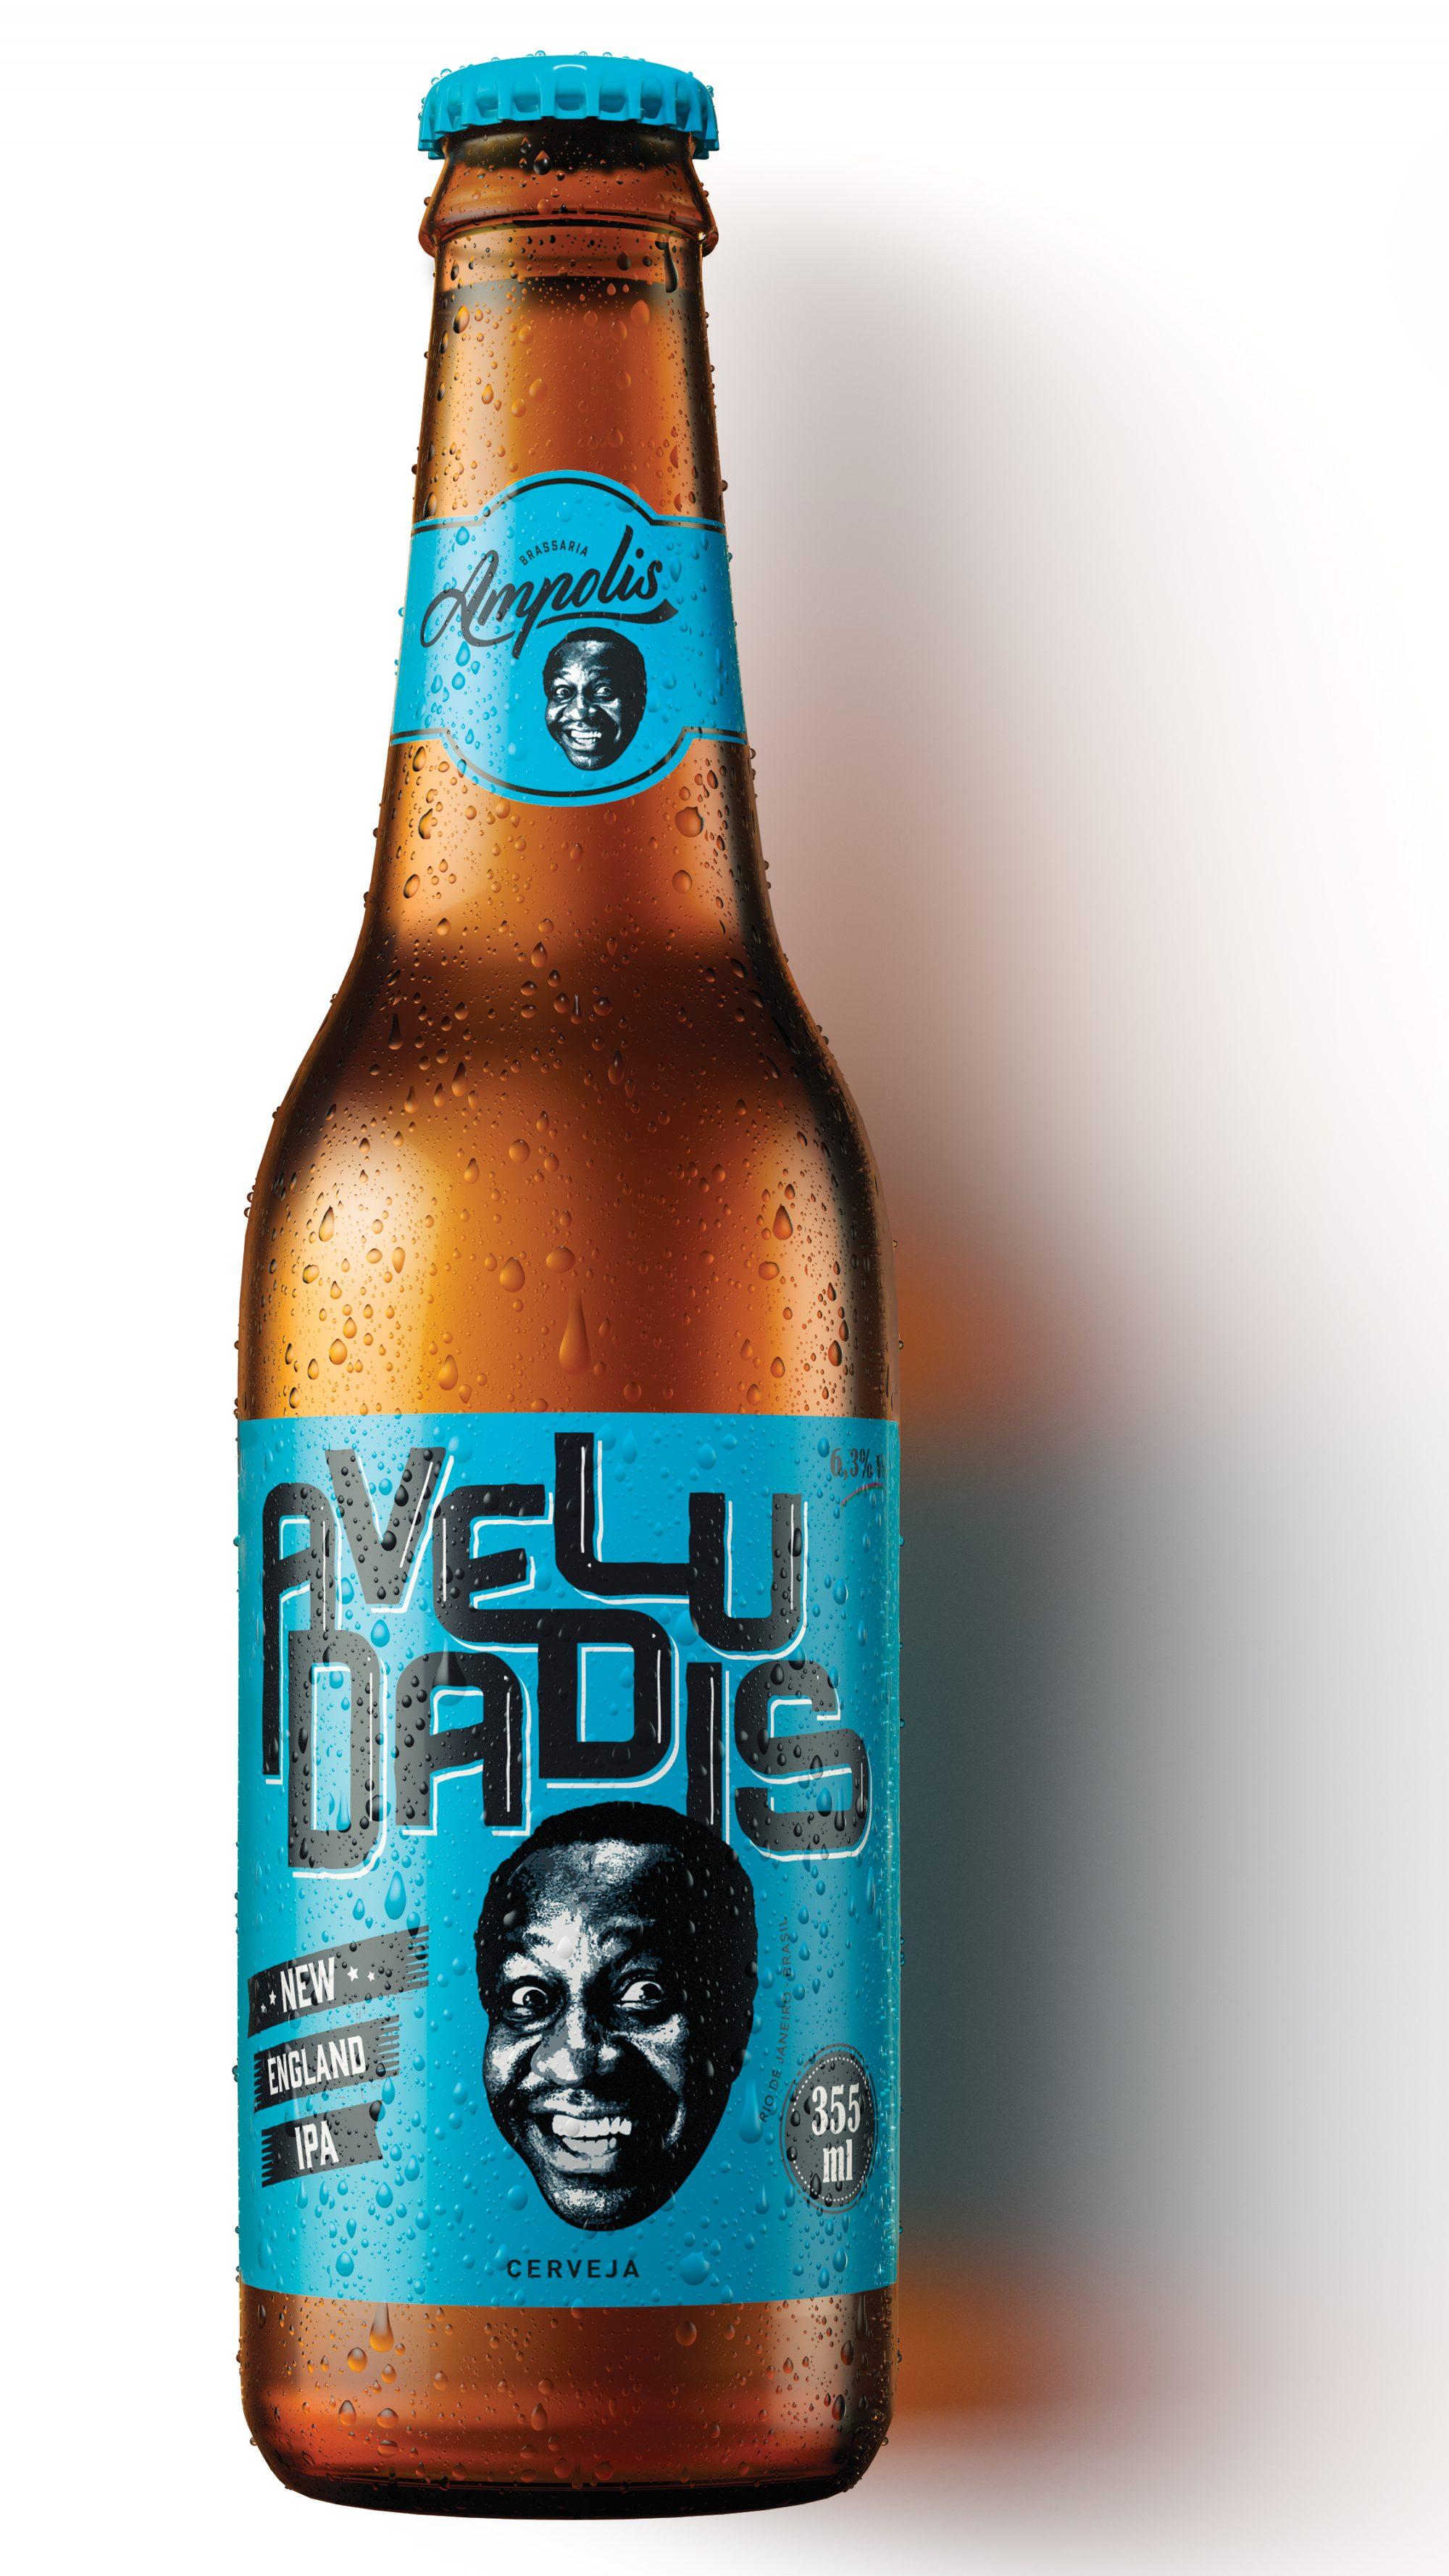 Mussum ganha novo rótulo de presente em seu 80º aniversário: cerveja Aveludadis